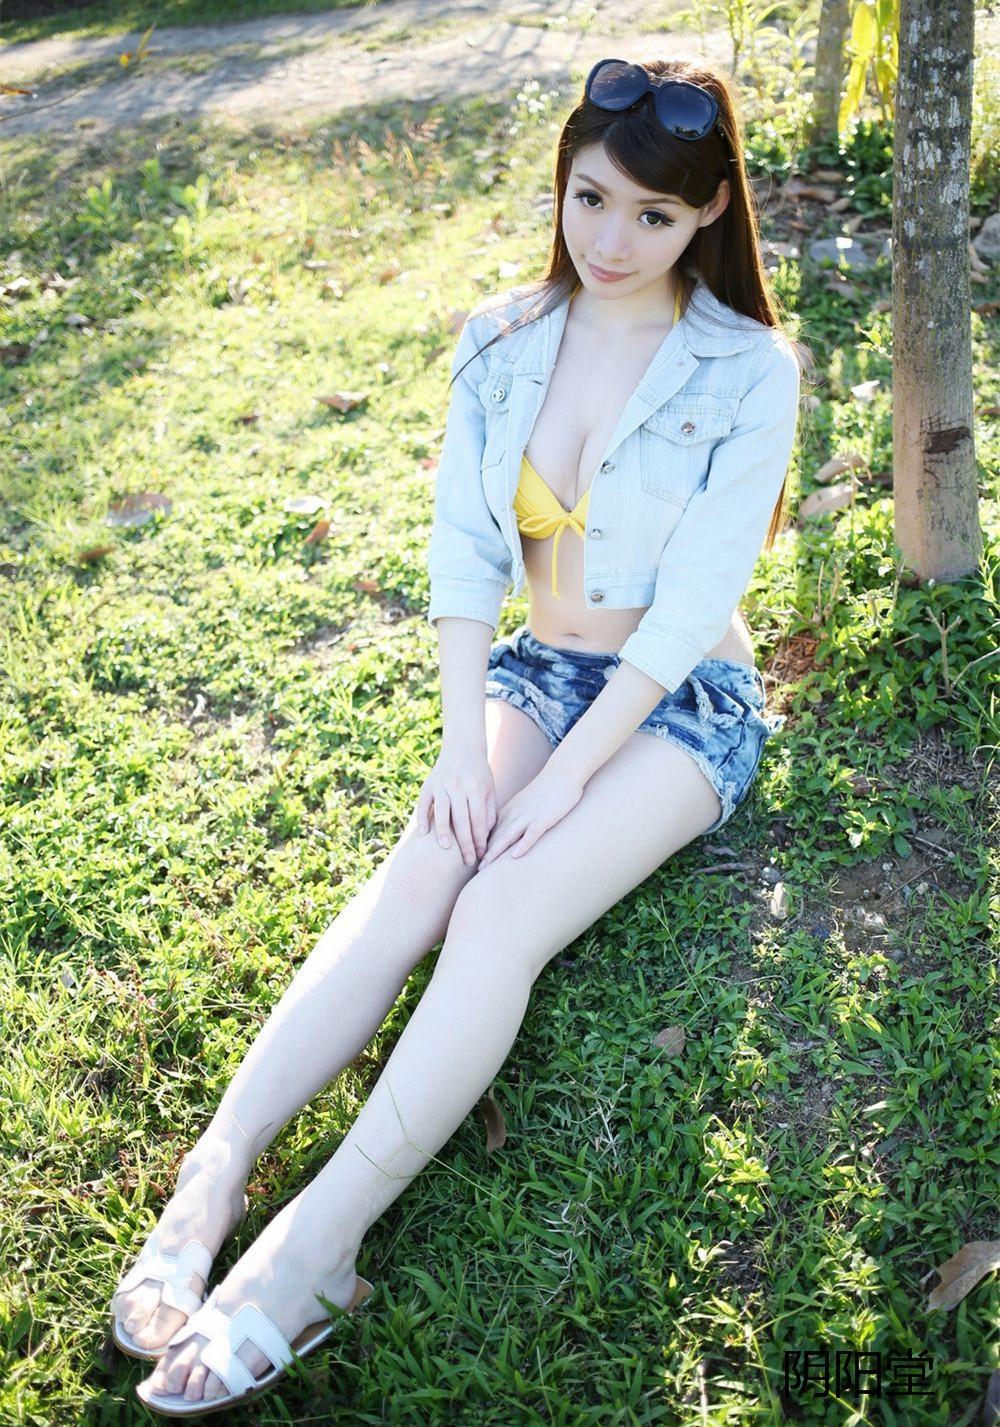 街拍活力少女, 牛仔超短裤搭配黄色泳衣十足抢眼